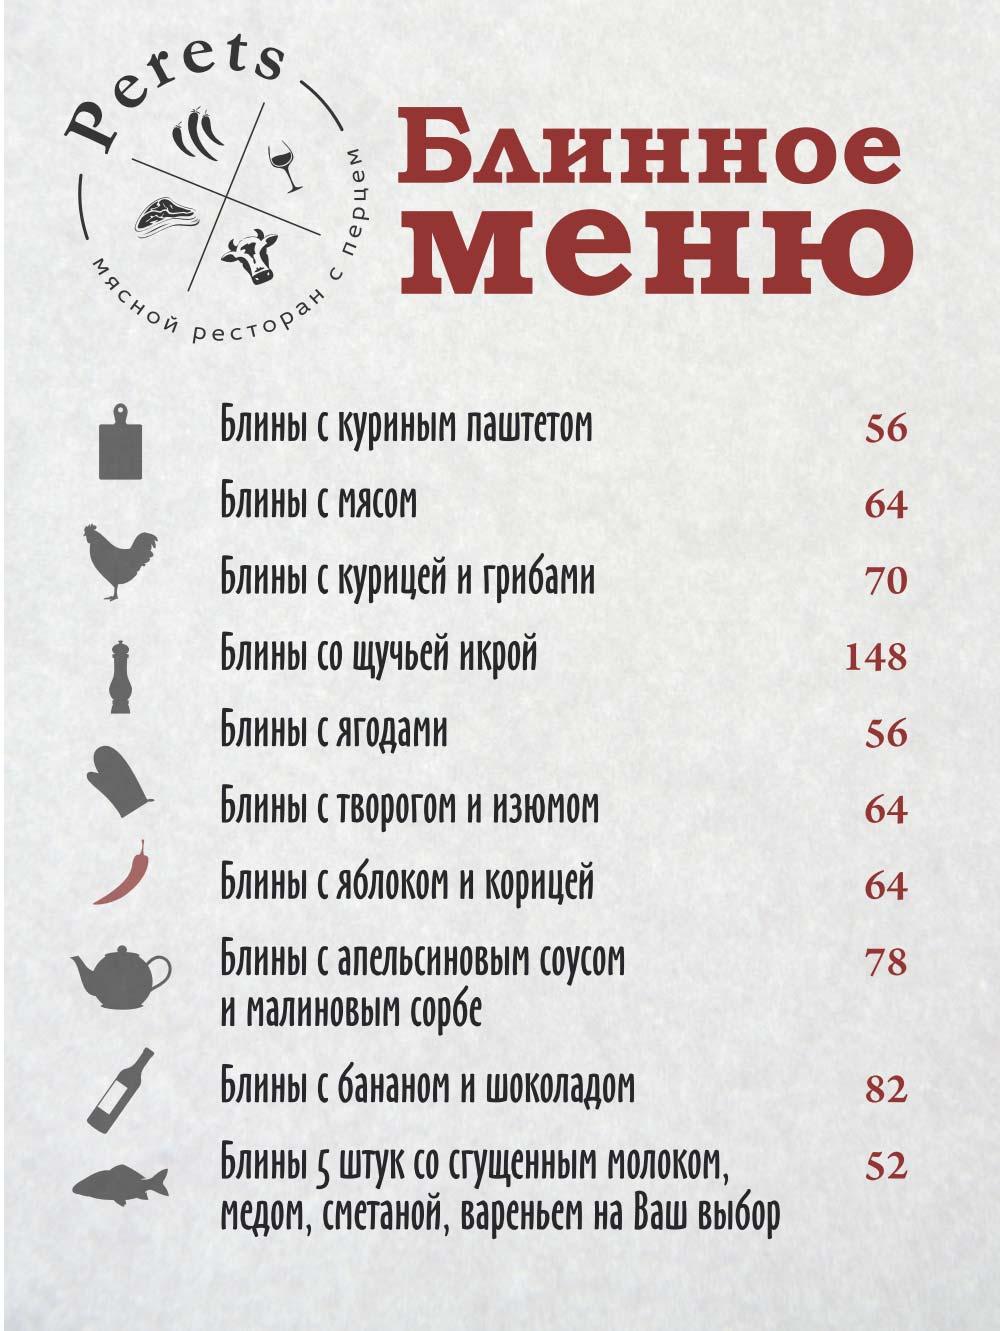 Тыквенное меню в ресторане PERETS